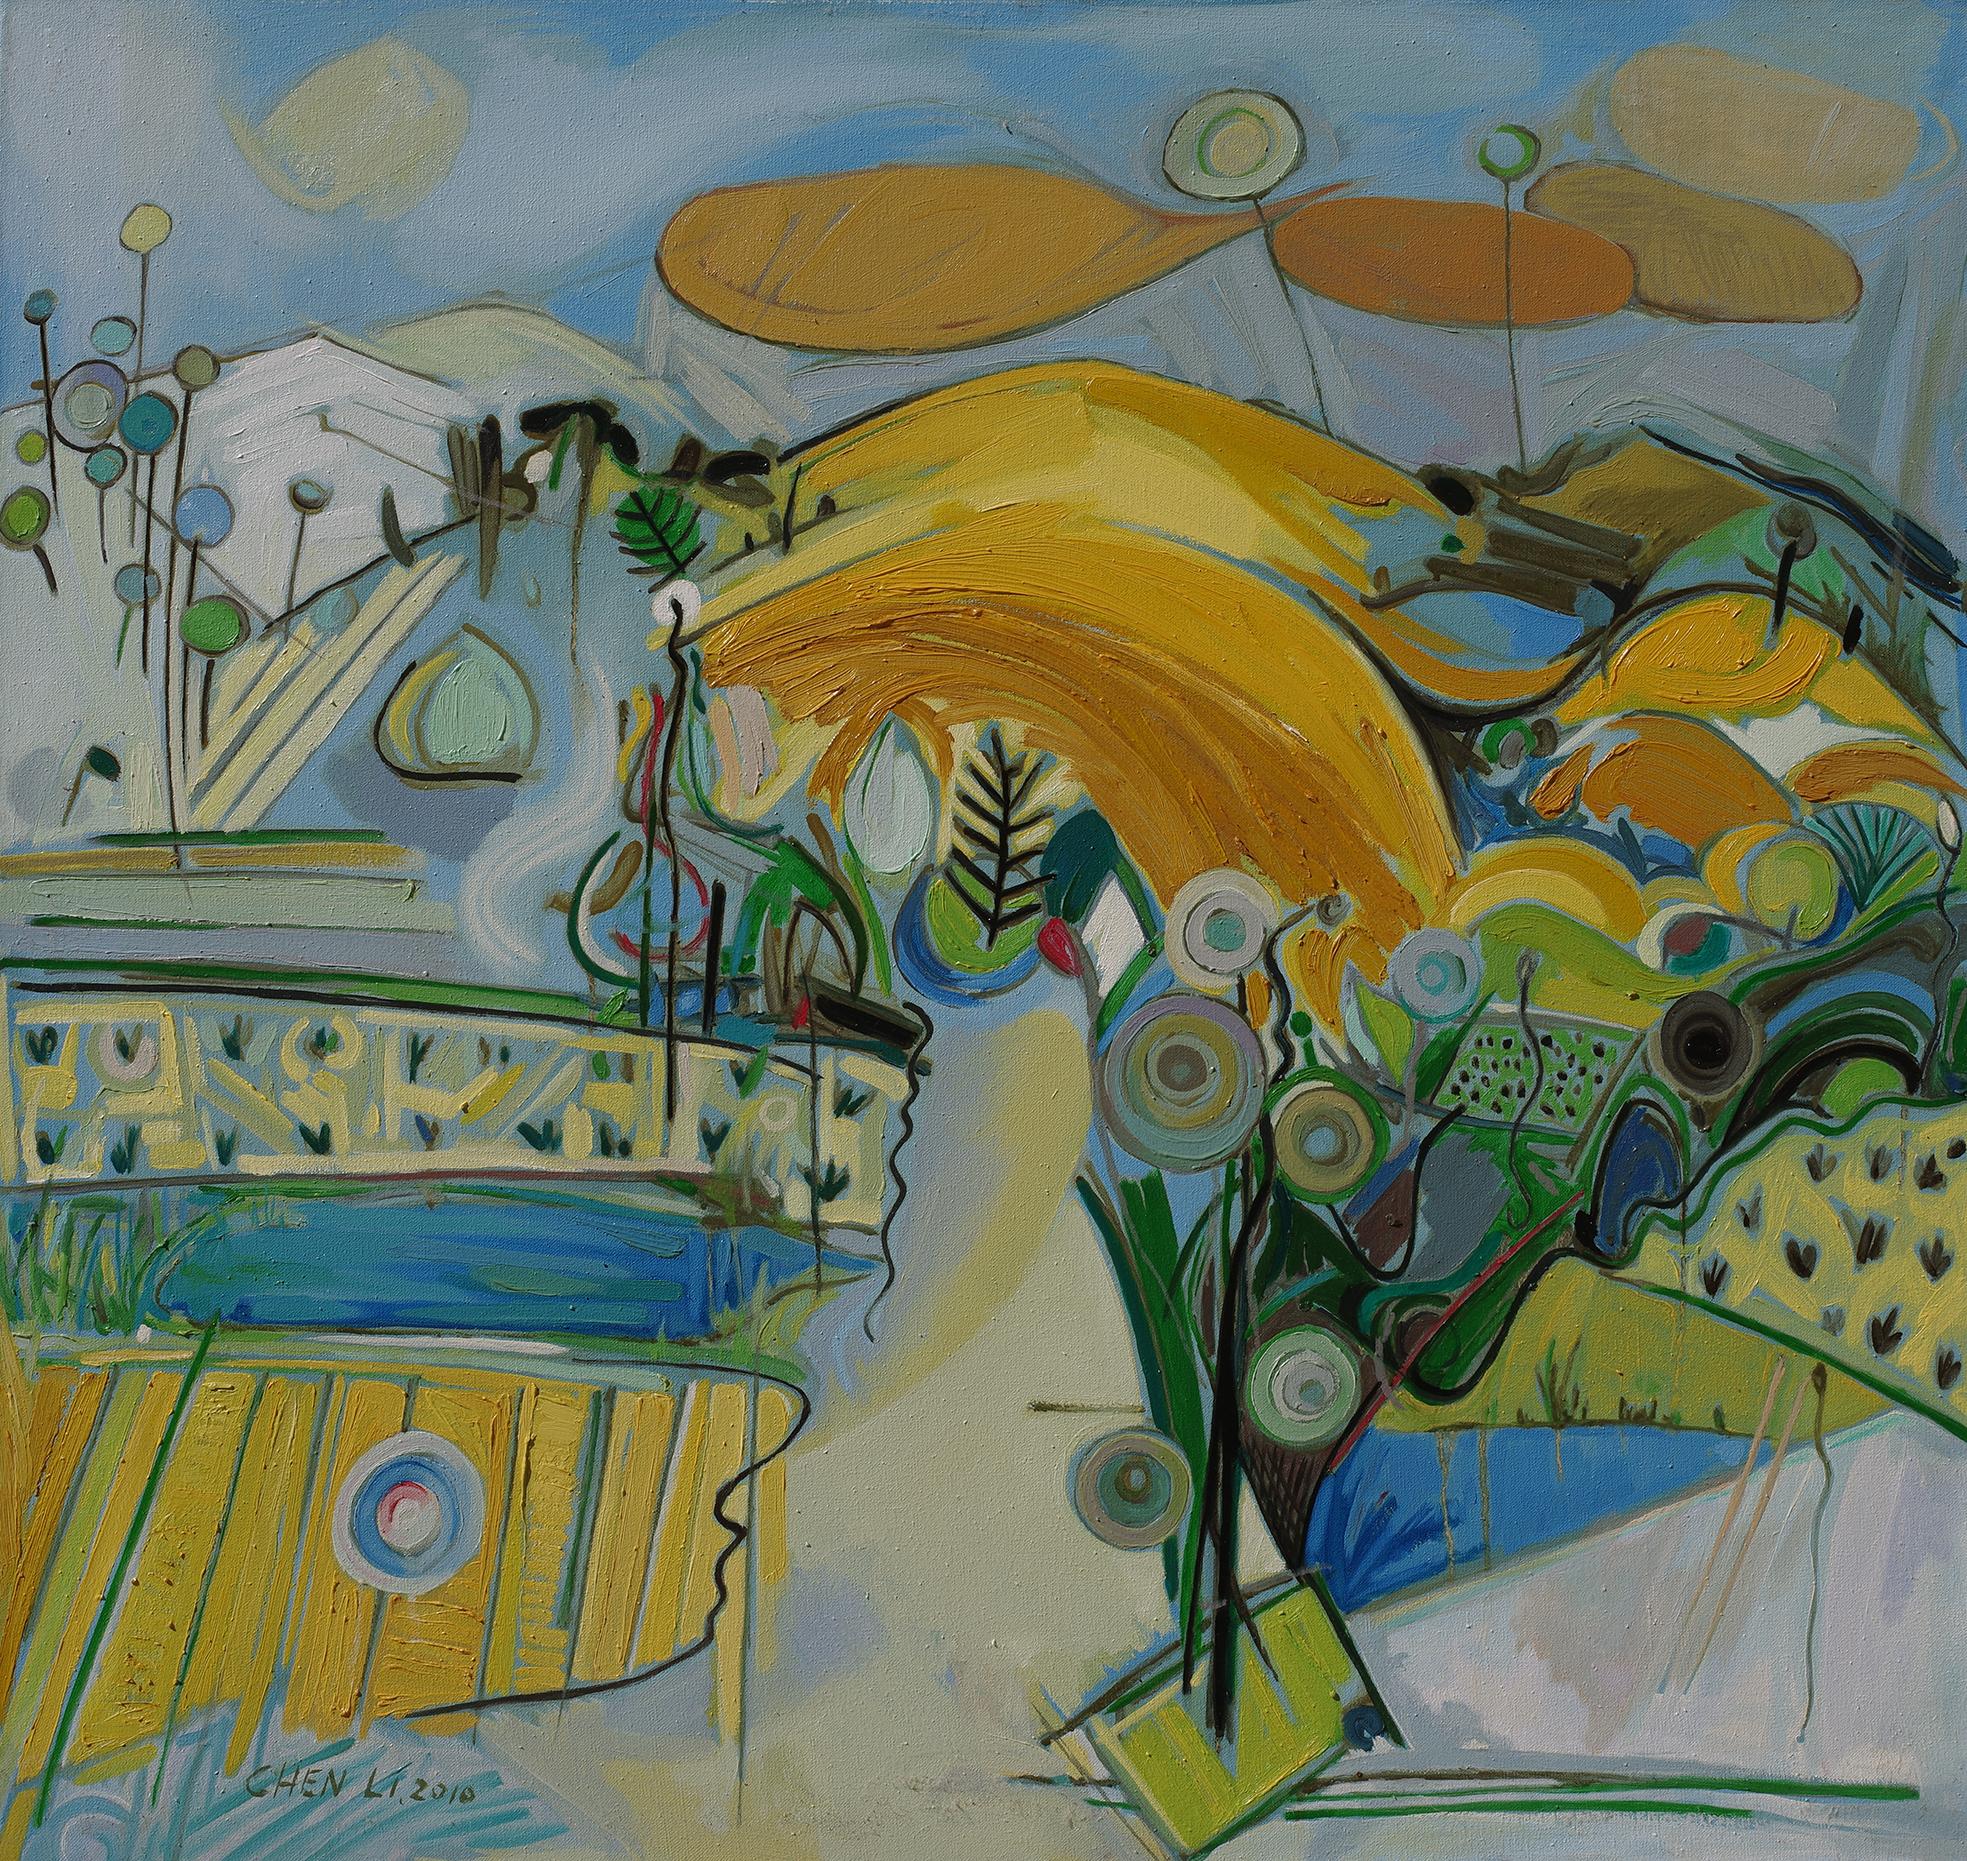 Chen Li, Happy II, 2010, oil on linen canvas